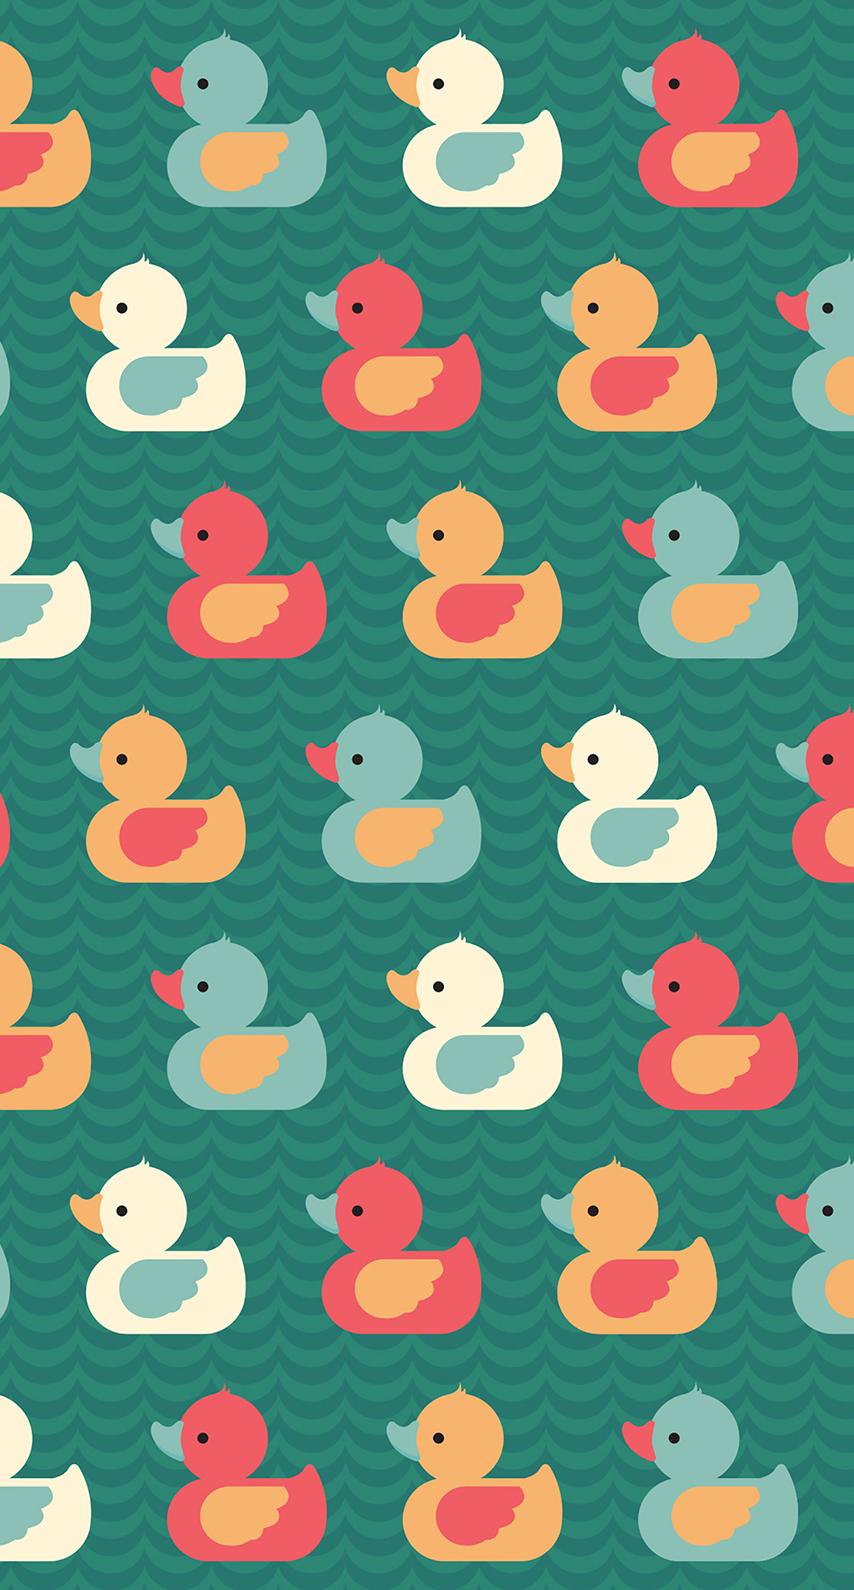 textile, repeat